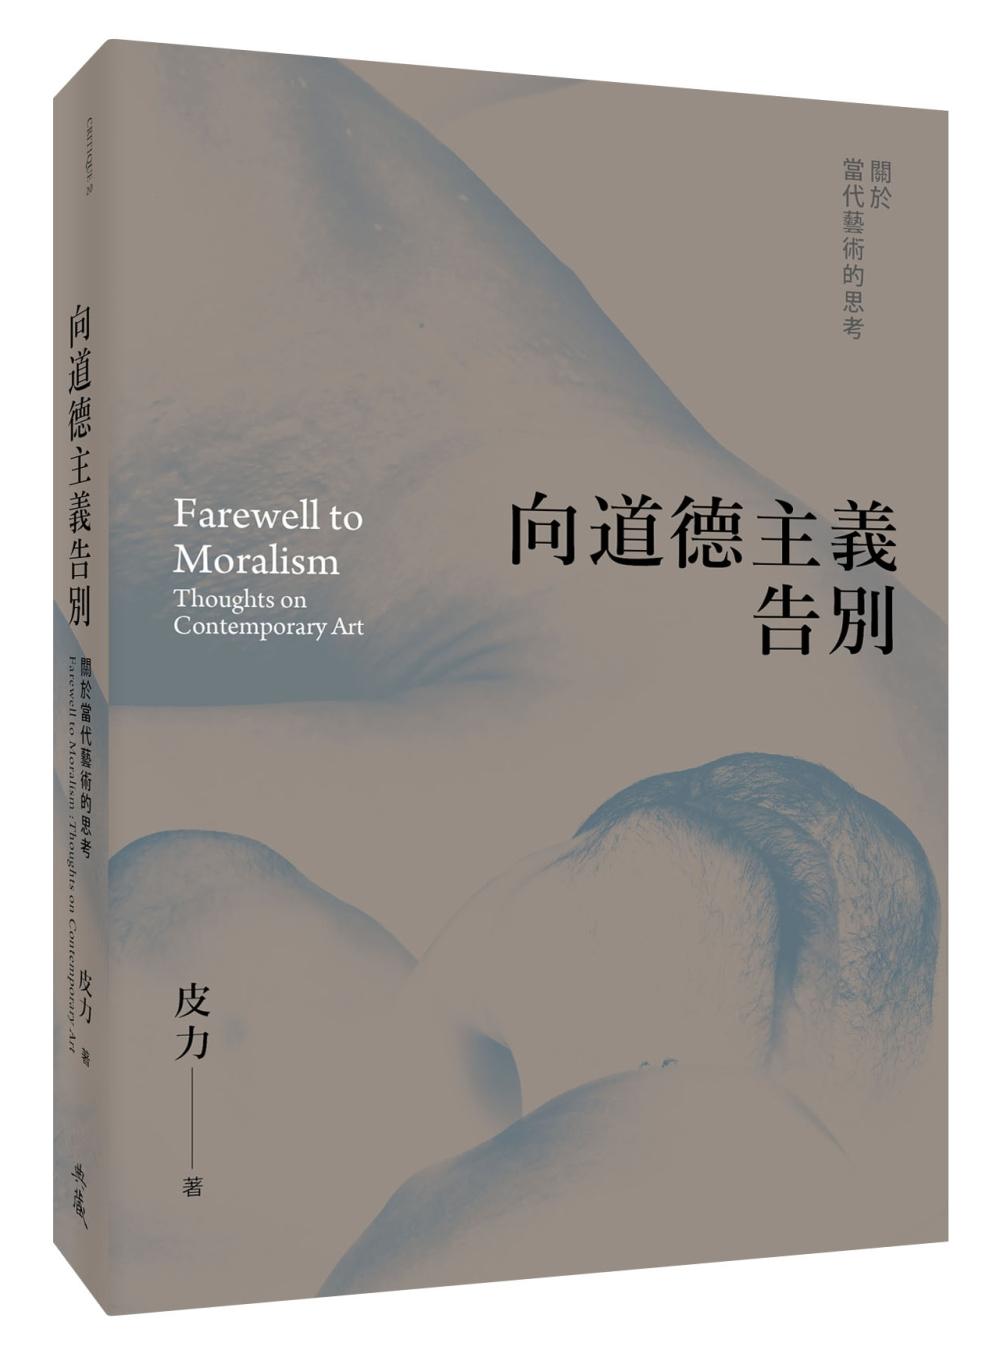 《向道德主義告別:關於當代藝術的思考》 商品條碼,ISBN:9789869535489